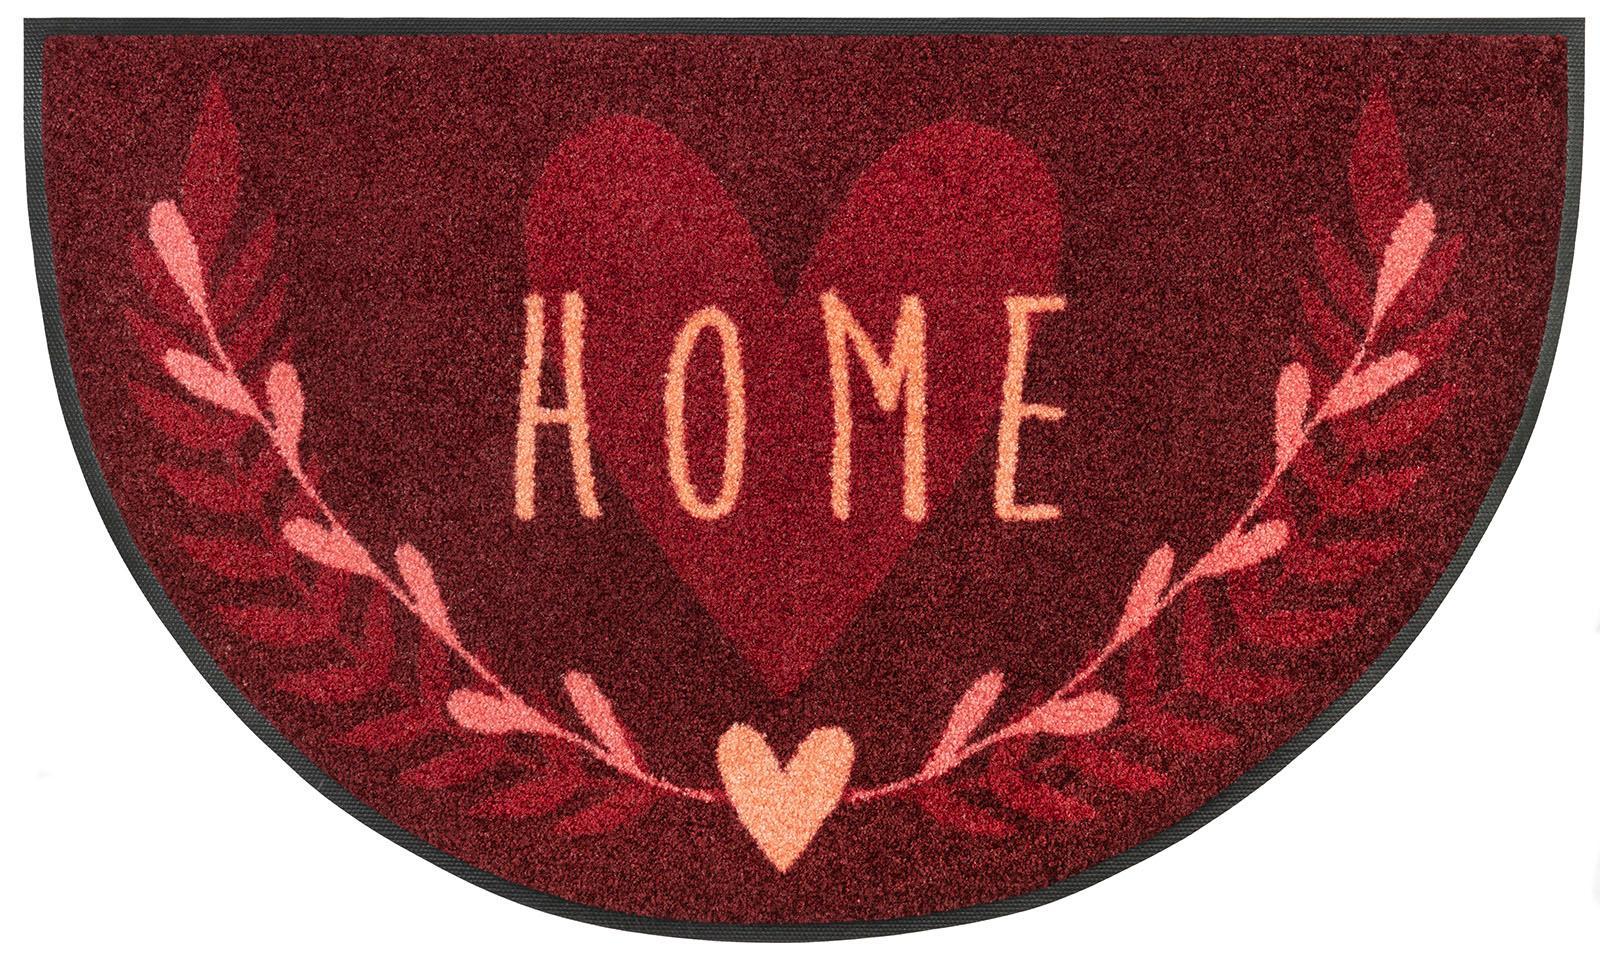 Teppich Round Home wash+dry by Kleen-Tex rechteckig Höhe 7 mm gedruckt